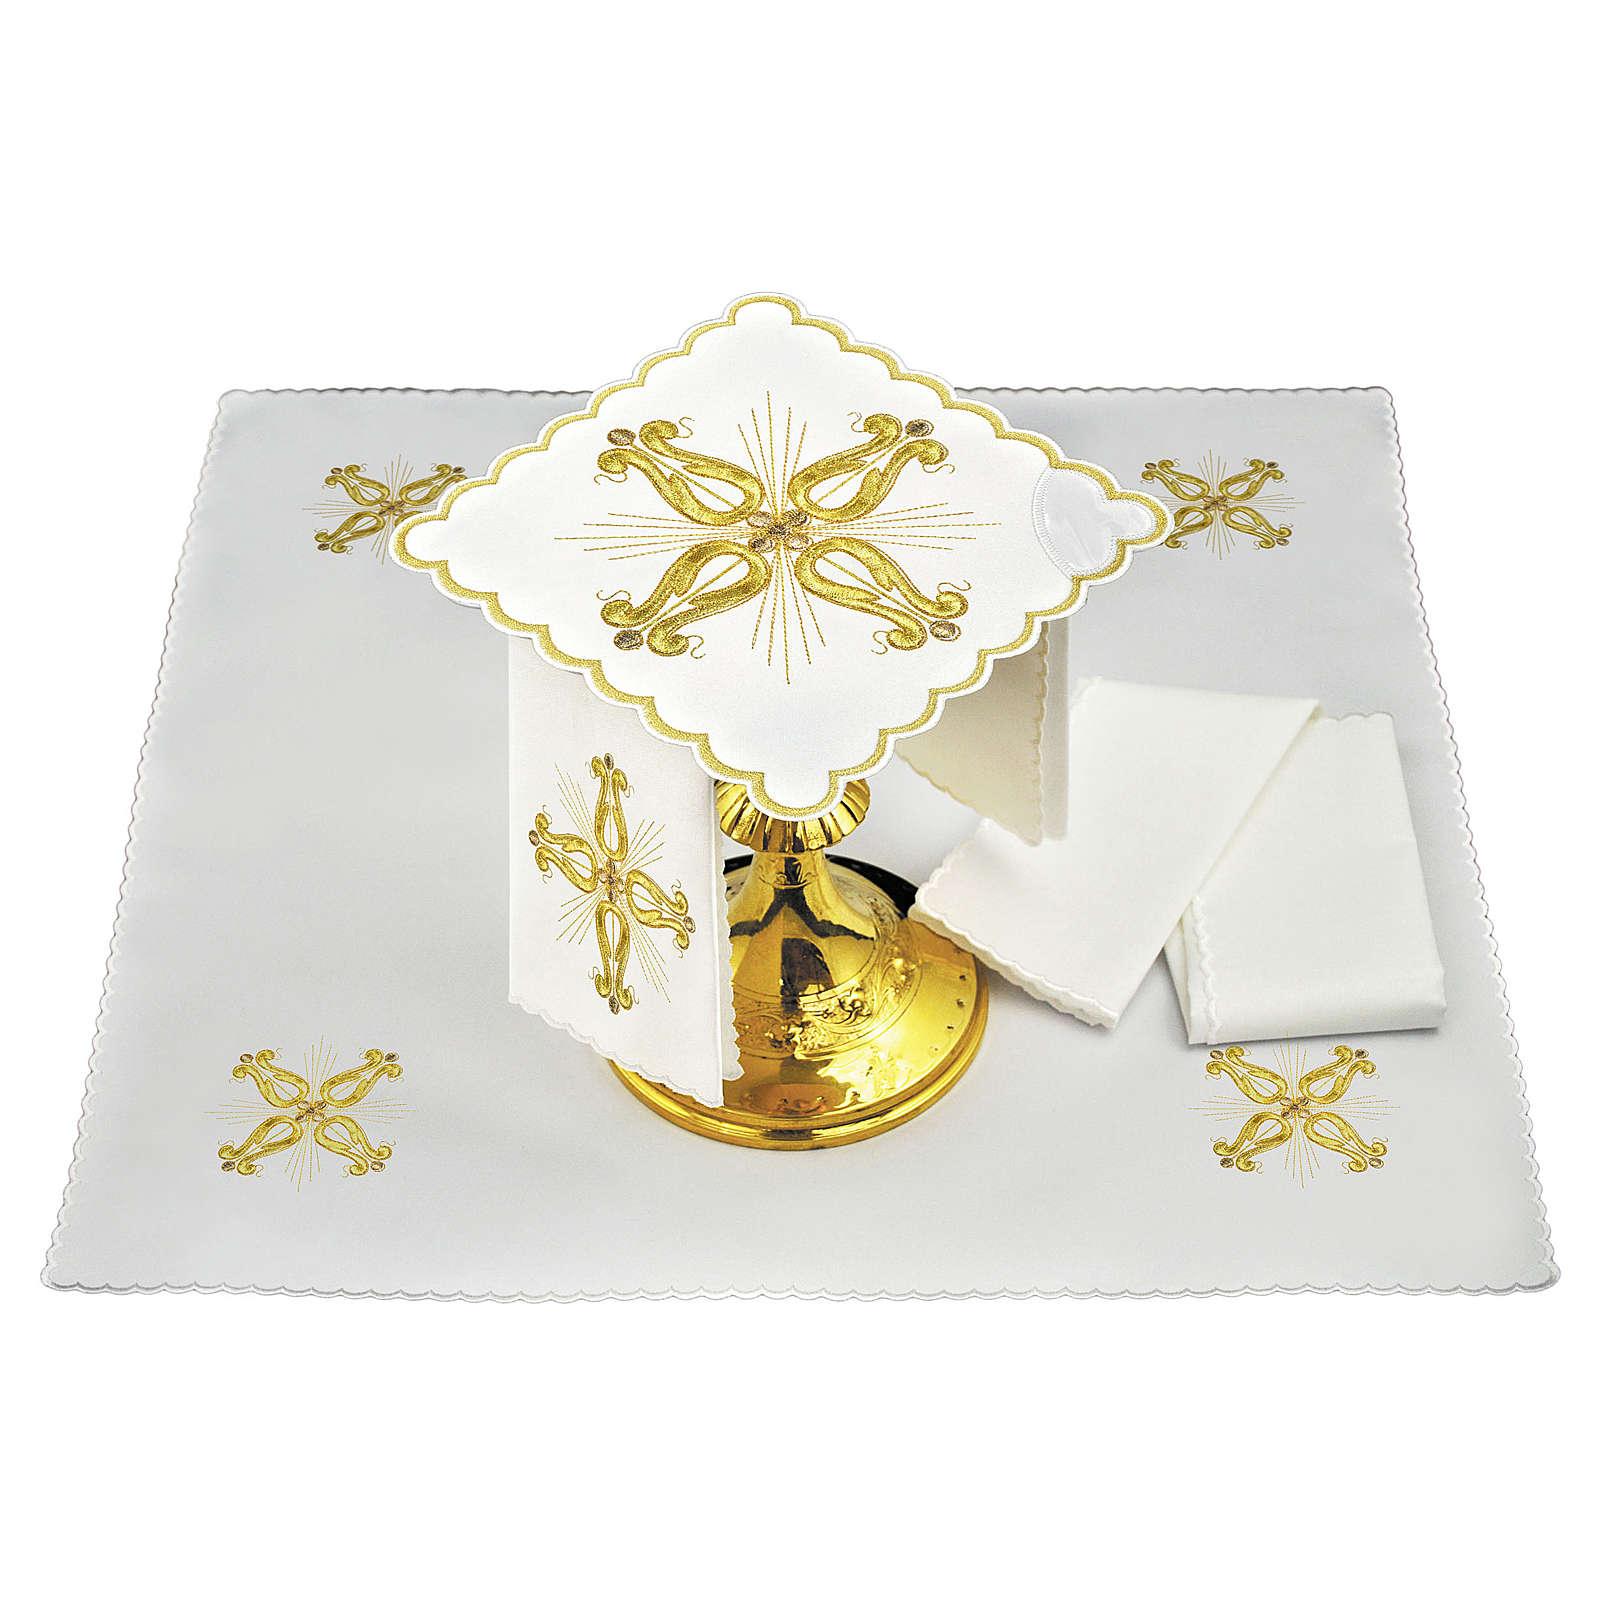 Altar linen golden baroque cross with flower, cotton 4